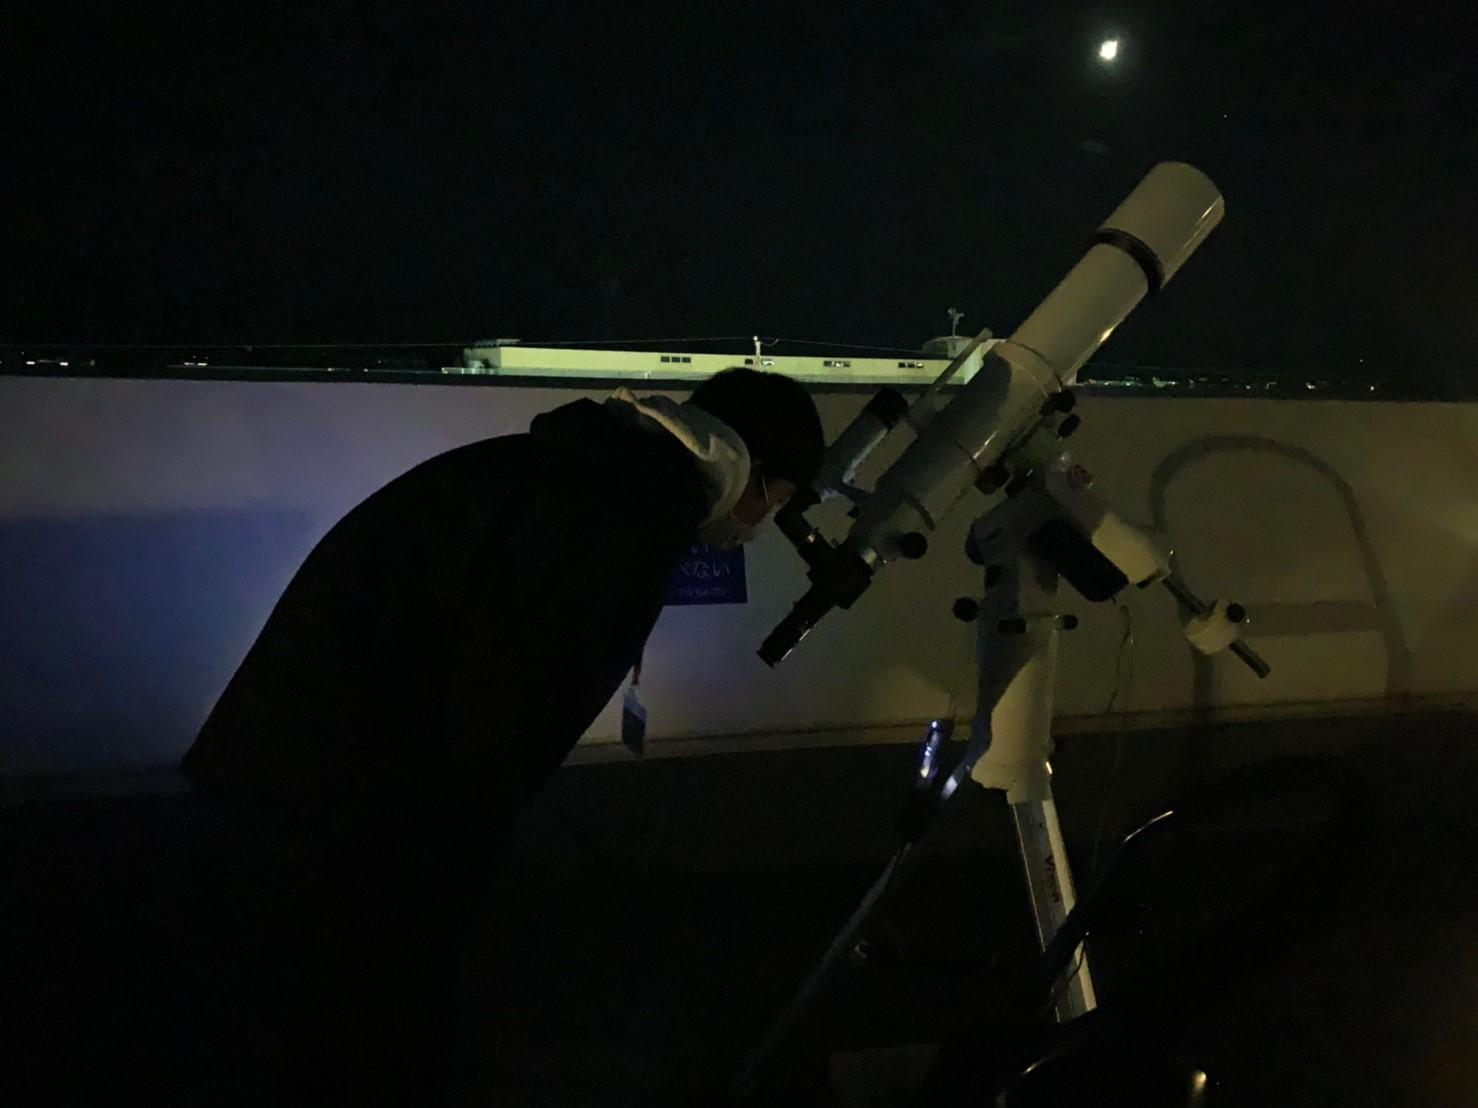 「月」をうつす望遠鏡